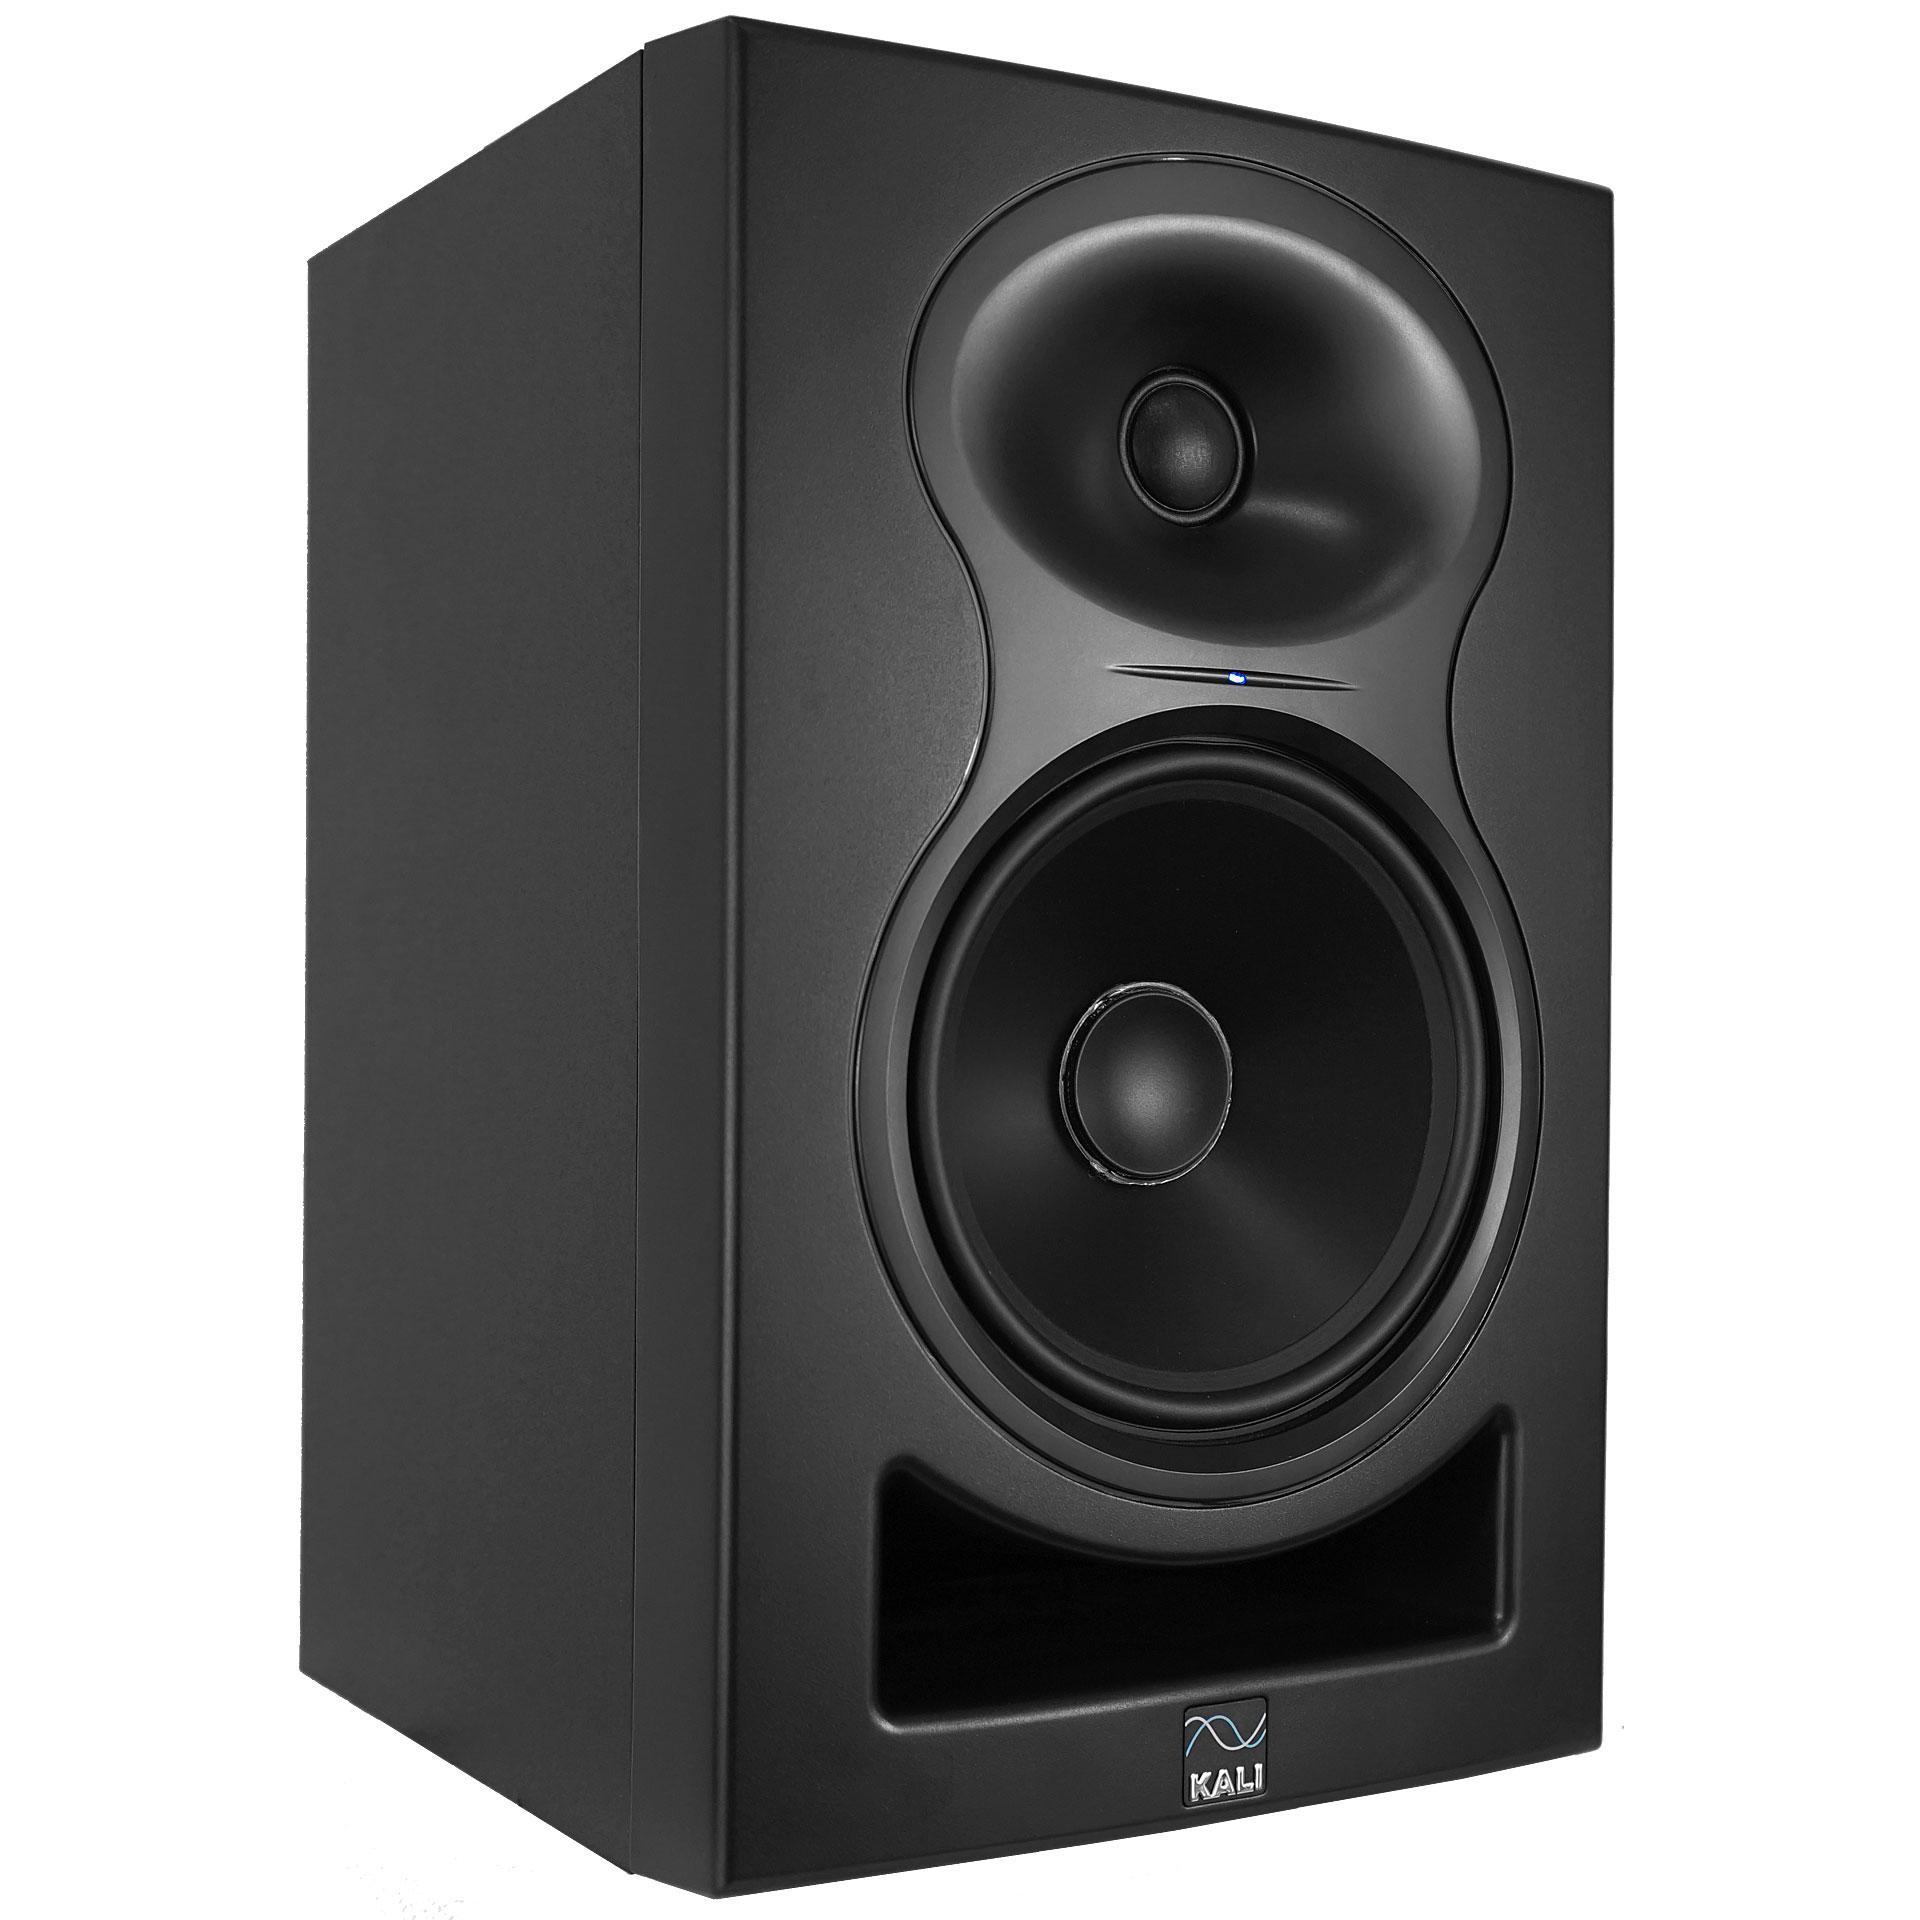 Kali-Audio-LP-8-Monitor-da-studio-biamplificato-8-sku-1743245204003